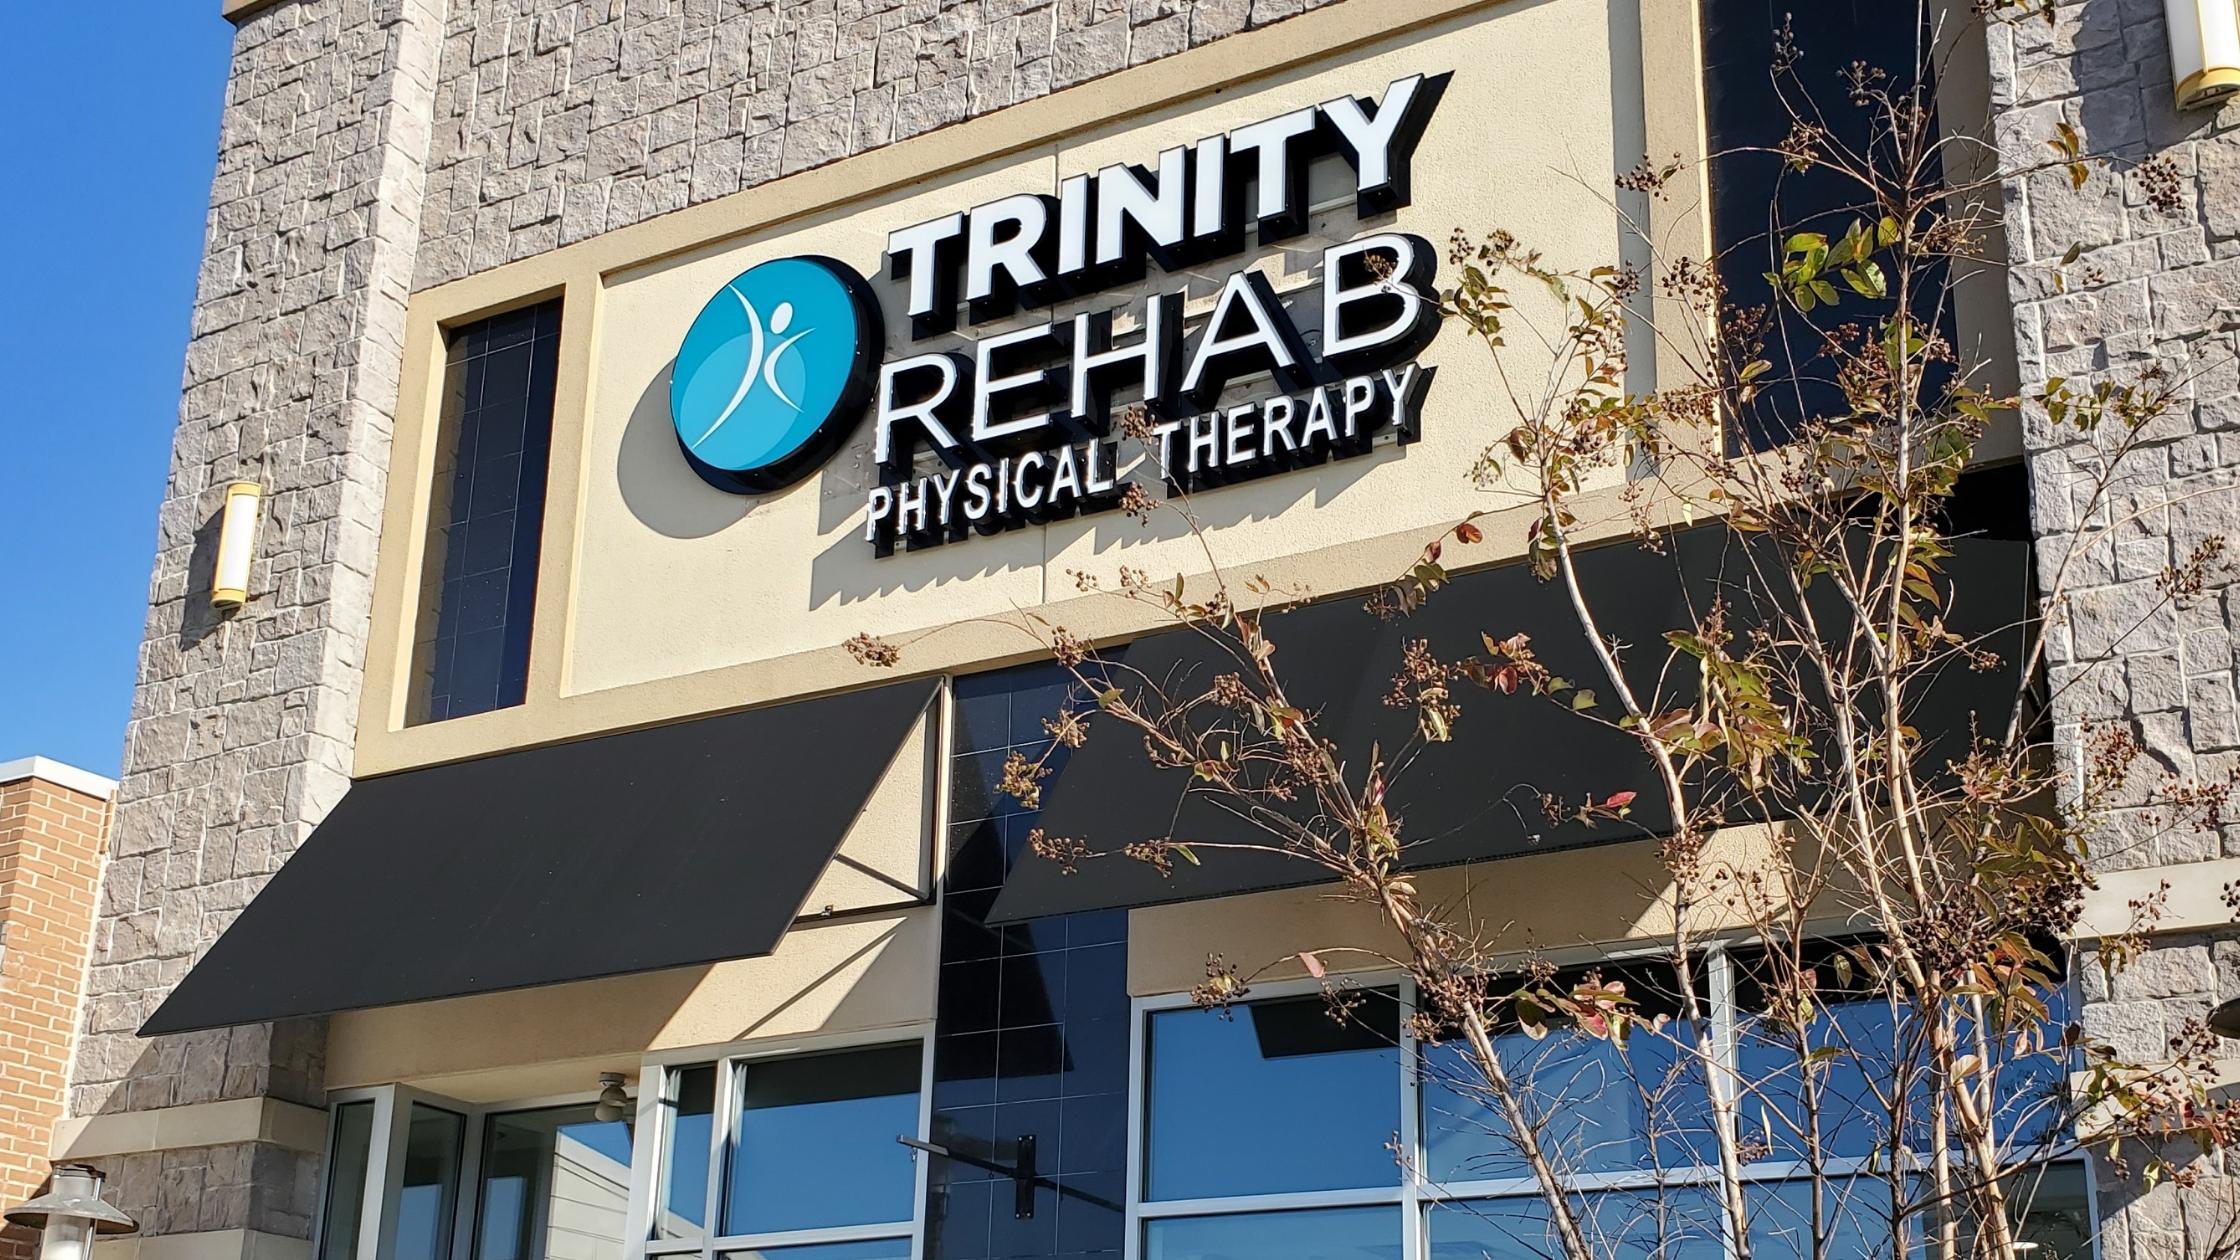 Trinity Rehab in Clifton, NJ – Grand Opening Celebration!